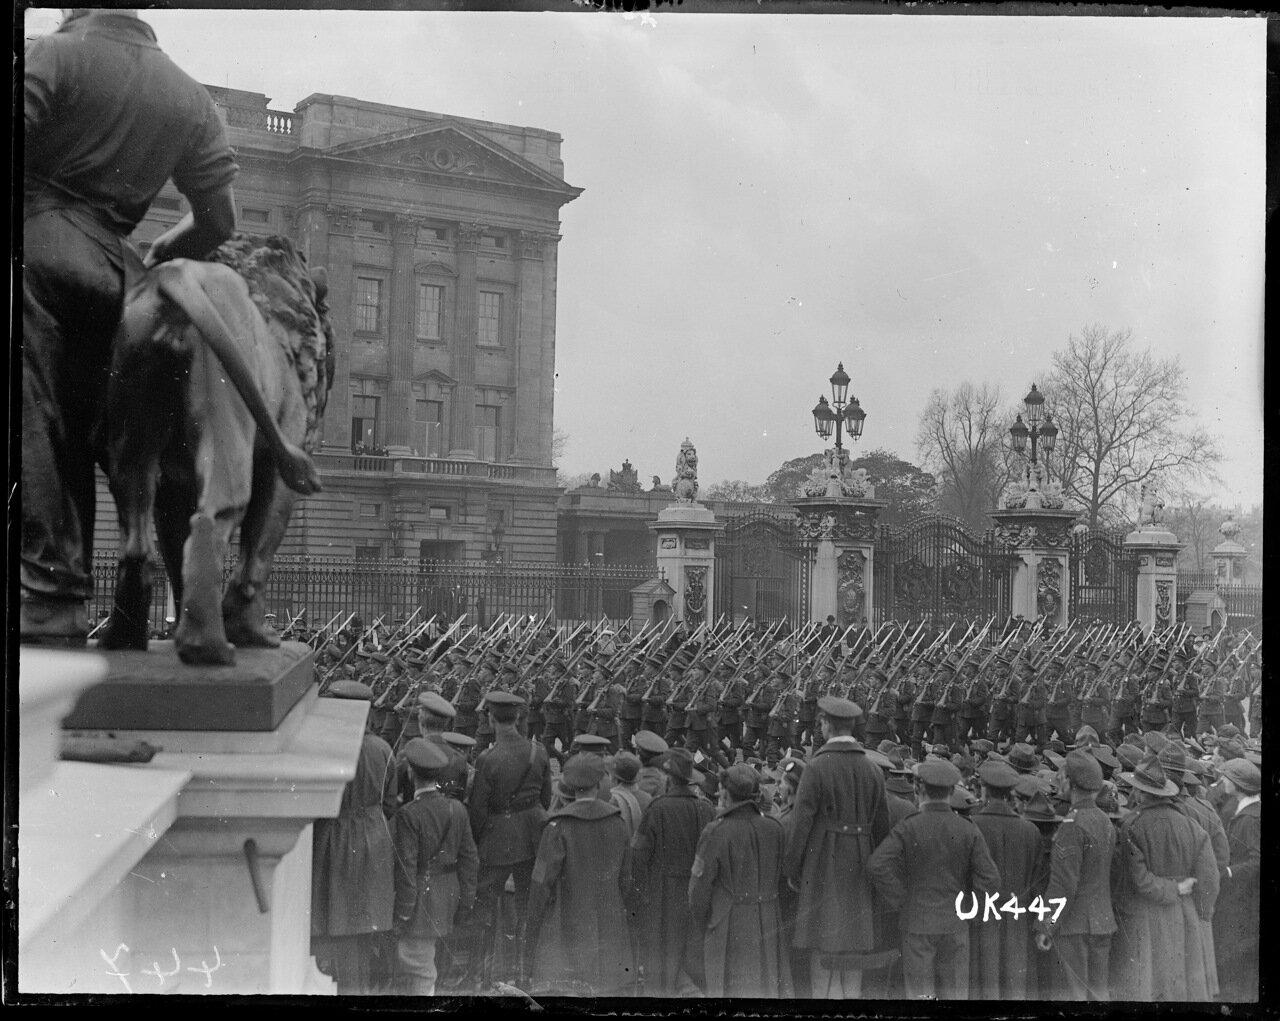 Солдаты маршируют на параде в Лондоне